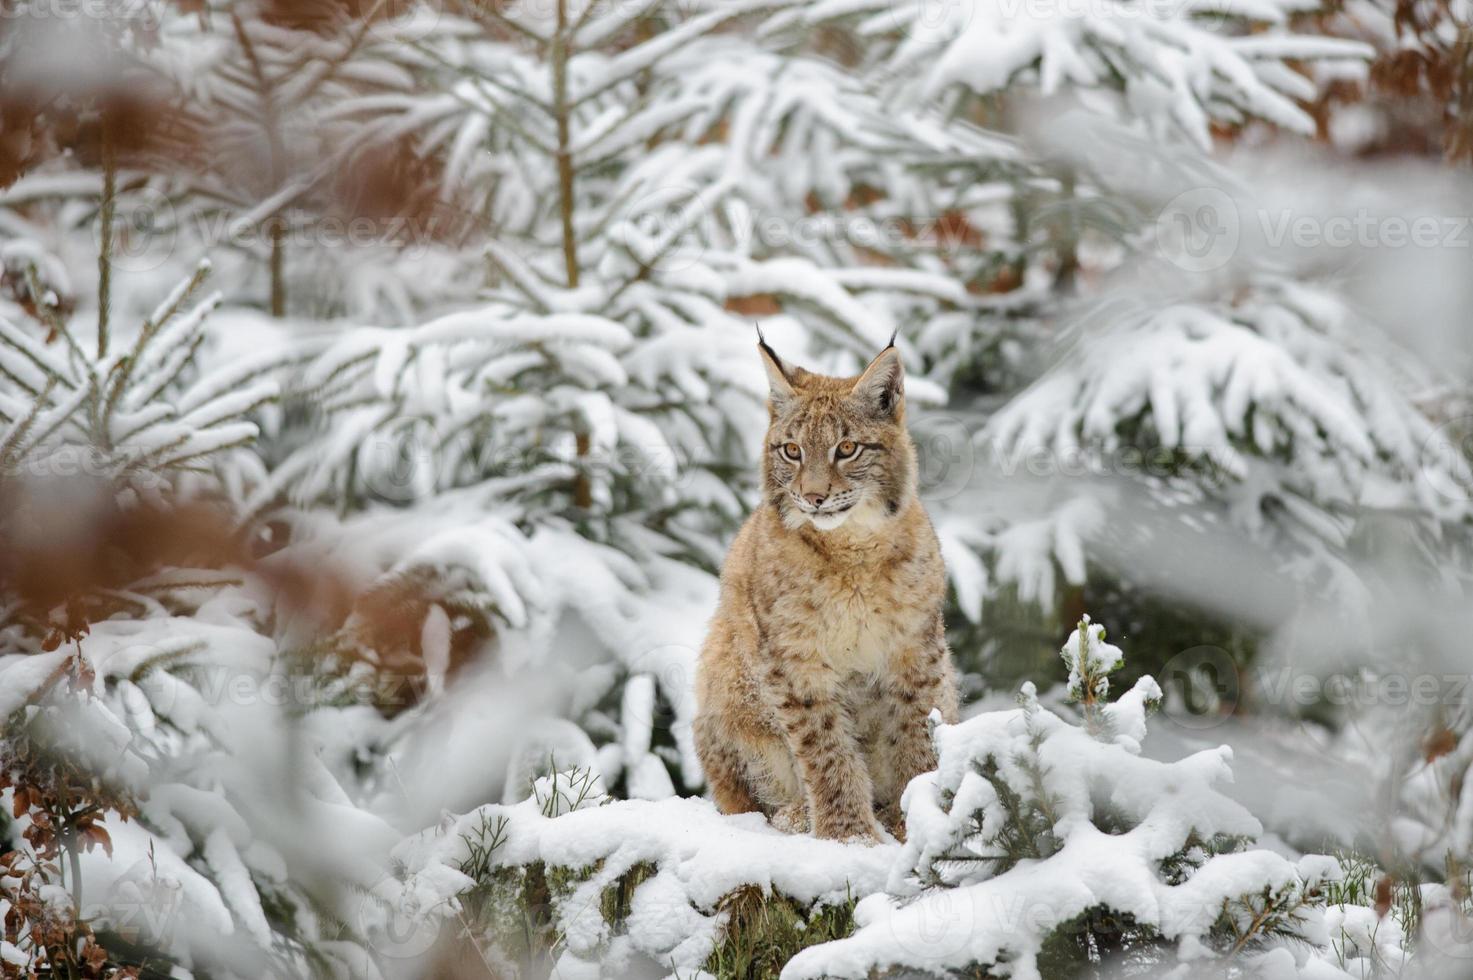 Lynx eurasien cub debout dans la forêt colorée d'hiver avec de la neige photo